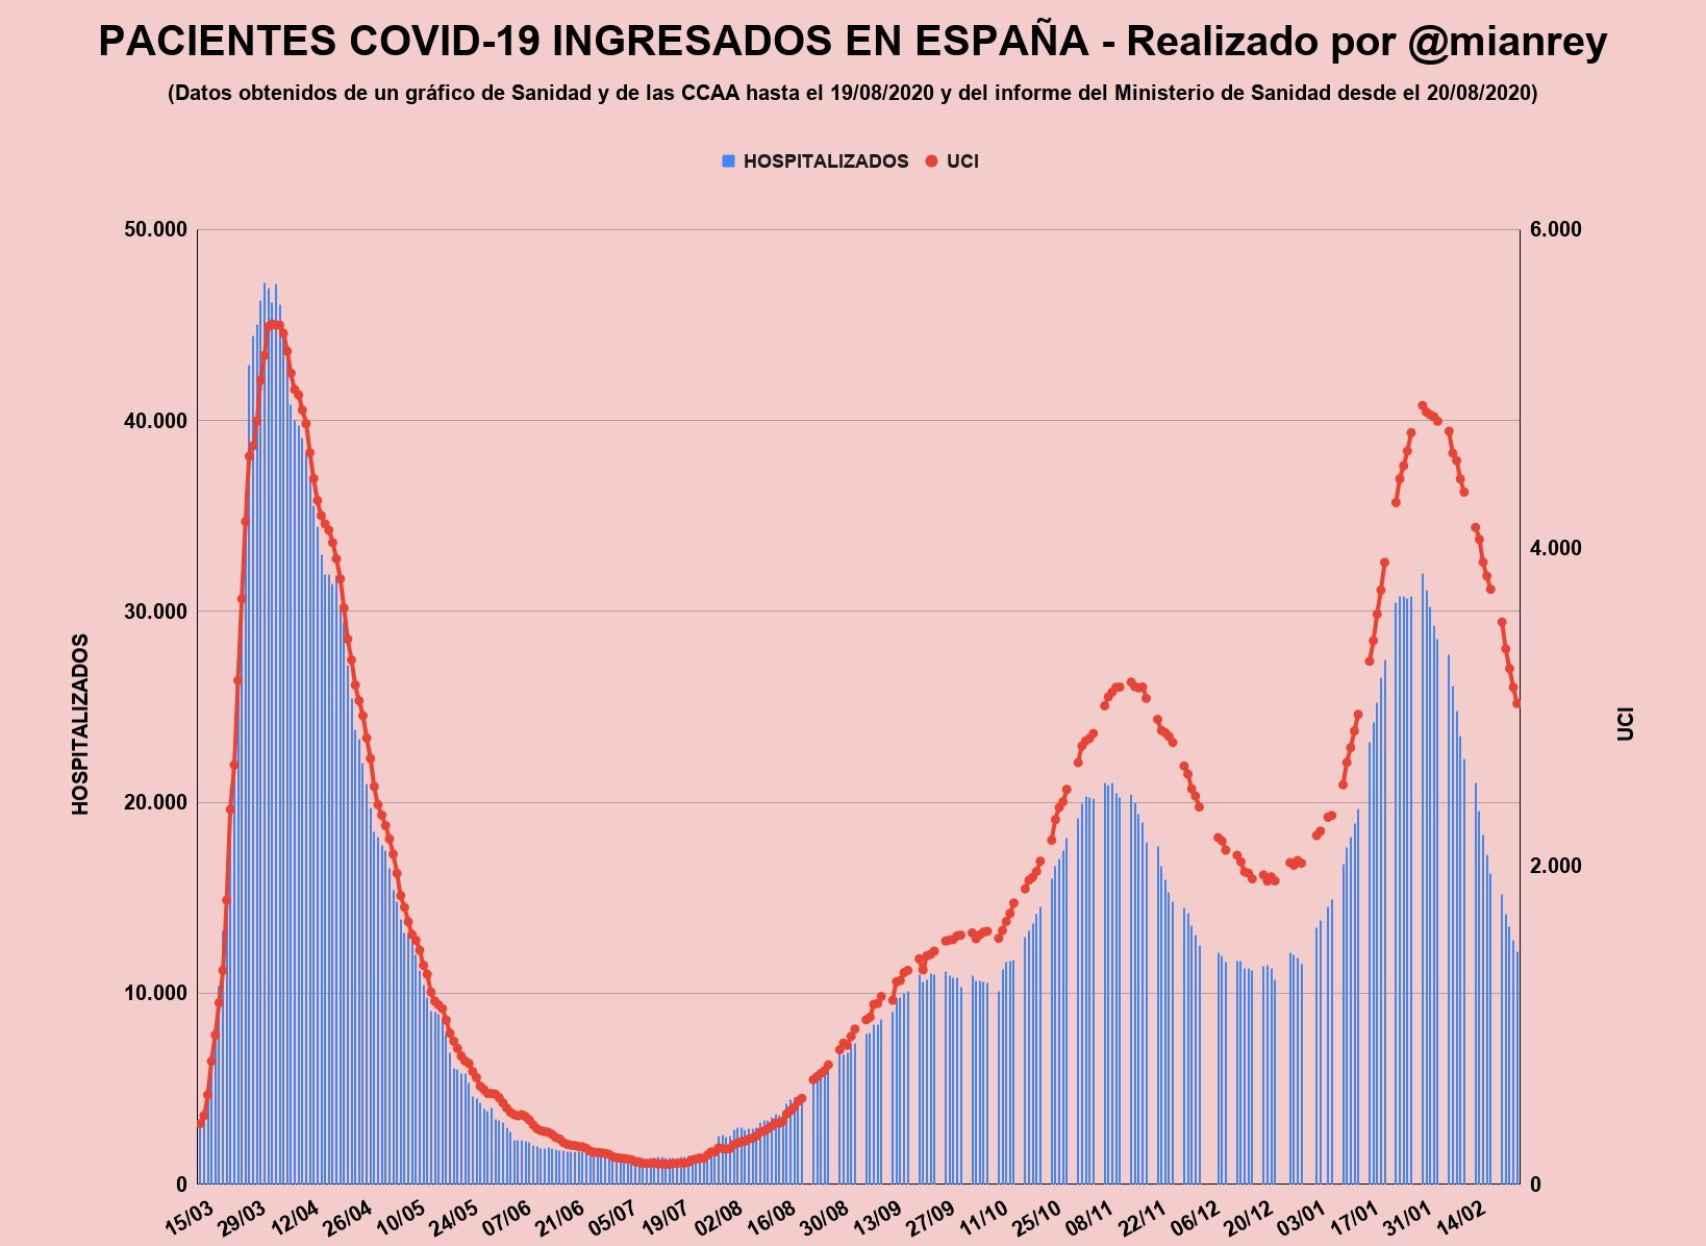 Evolución de los pacientes Covid ingresados en España.